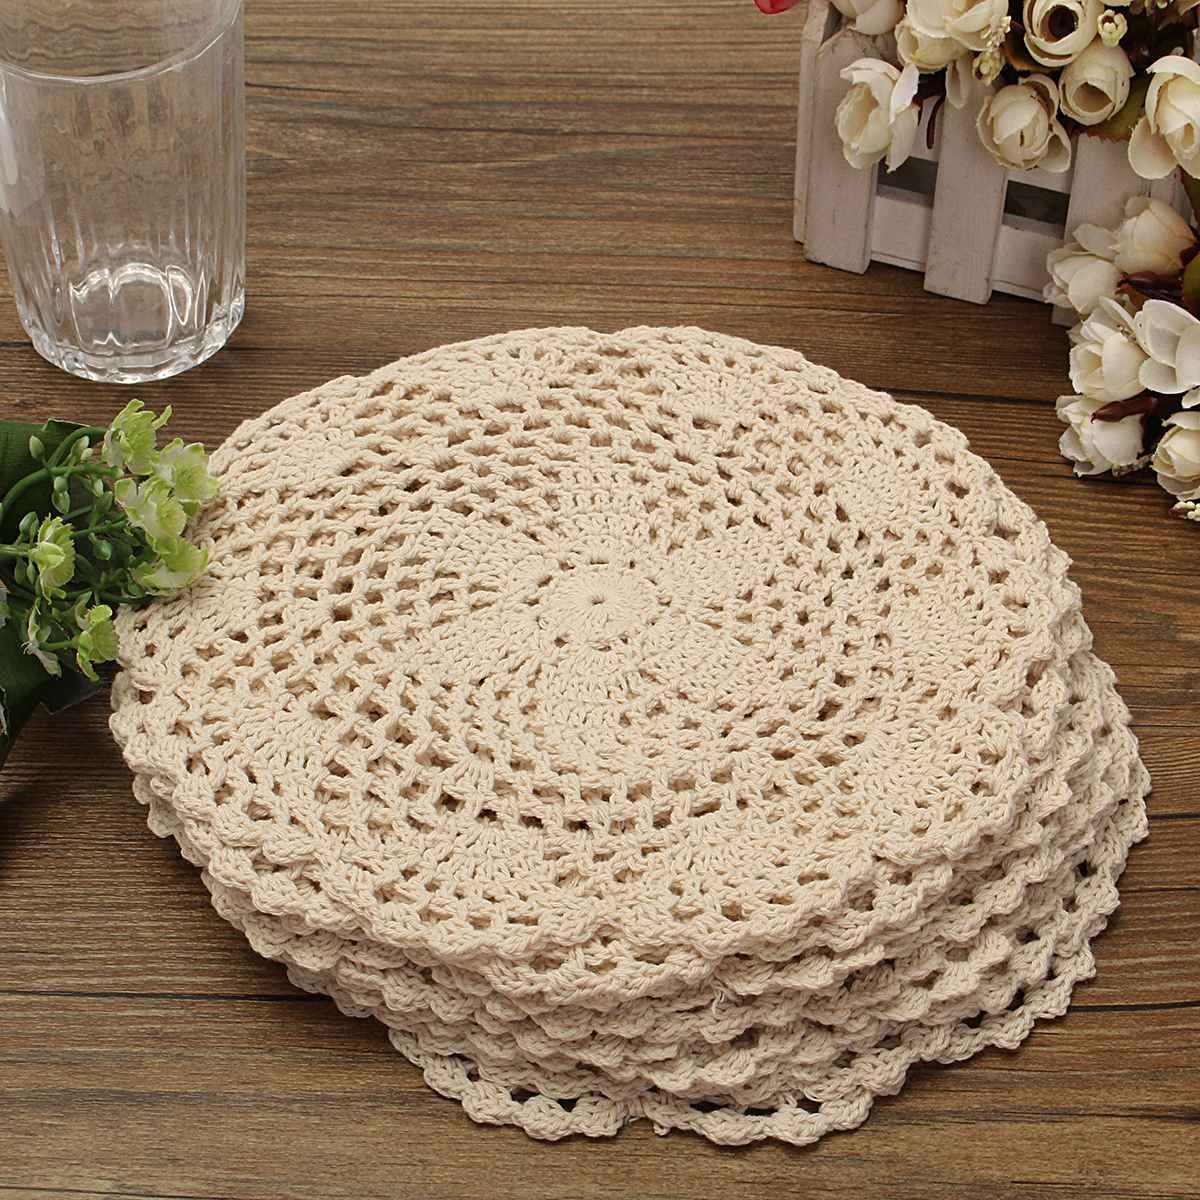 12pcs Vintage Coton Mat ronde dentelle main crocheté napperons Fleur Coasters Lot table décoratifs pour la maison Artisanat Accessoires